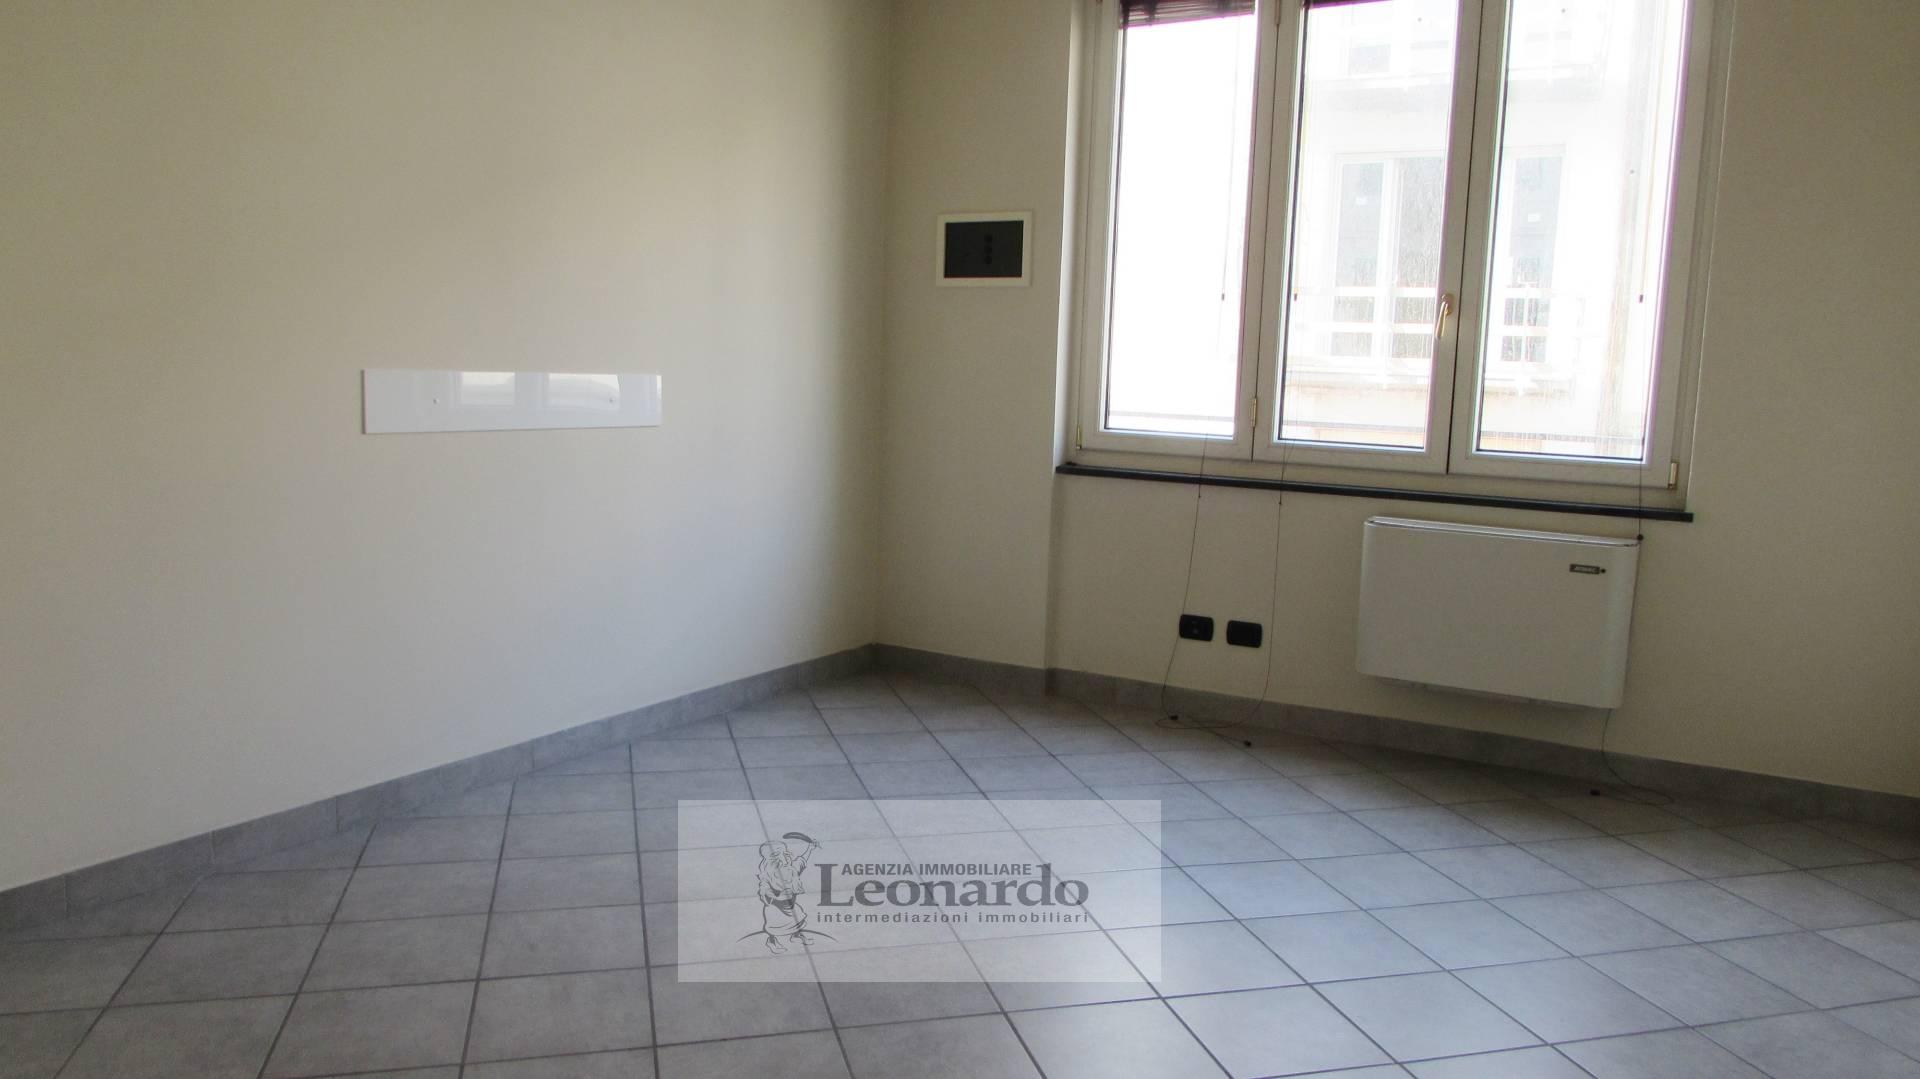 Ufficio / Studio in vendita a Viareggio, 4 locali, zona Località: Centro, prezzo € 155.000 | Cambio Casa.it